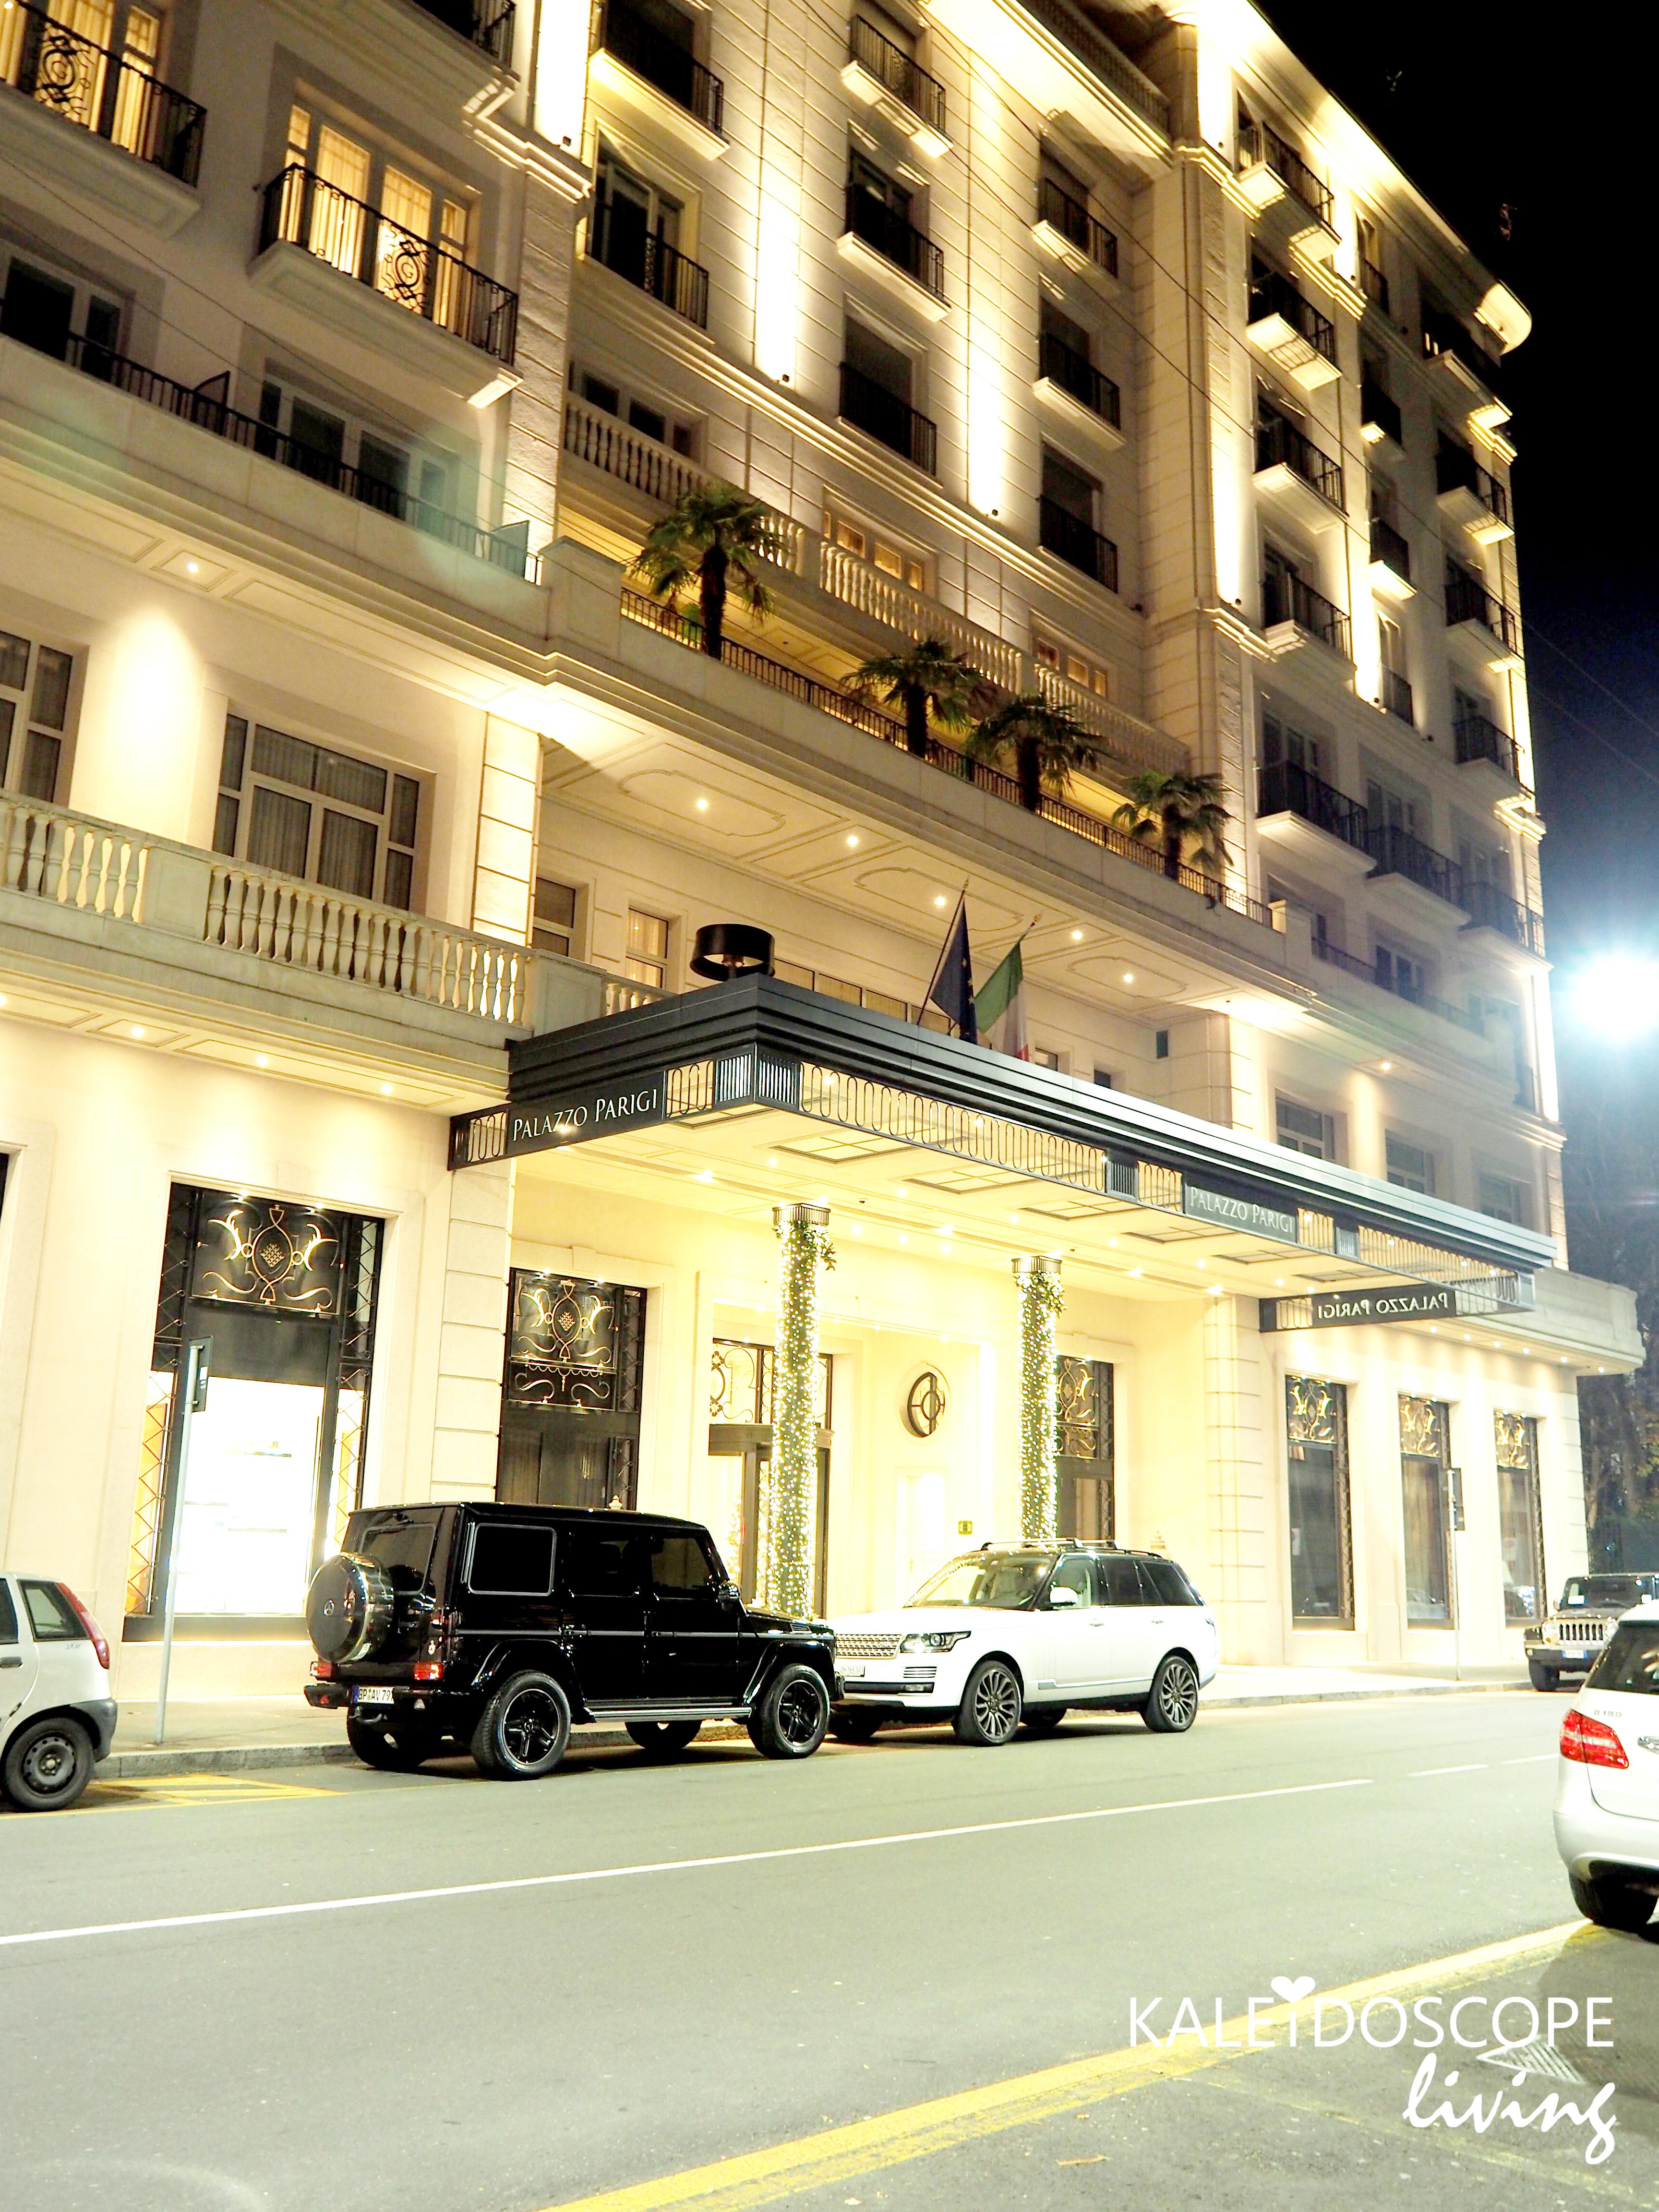 Travel Italy Milan Milano Aperitivo 5 Star Palazzo Paragi Hotel 1